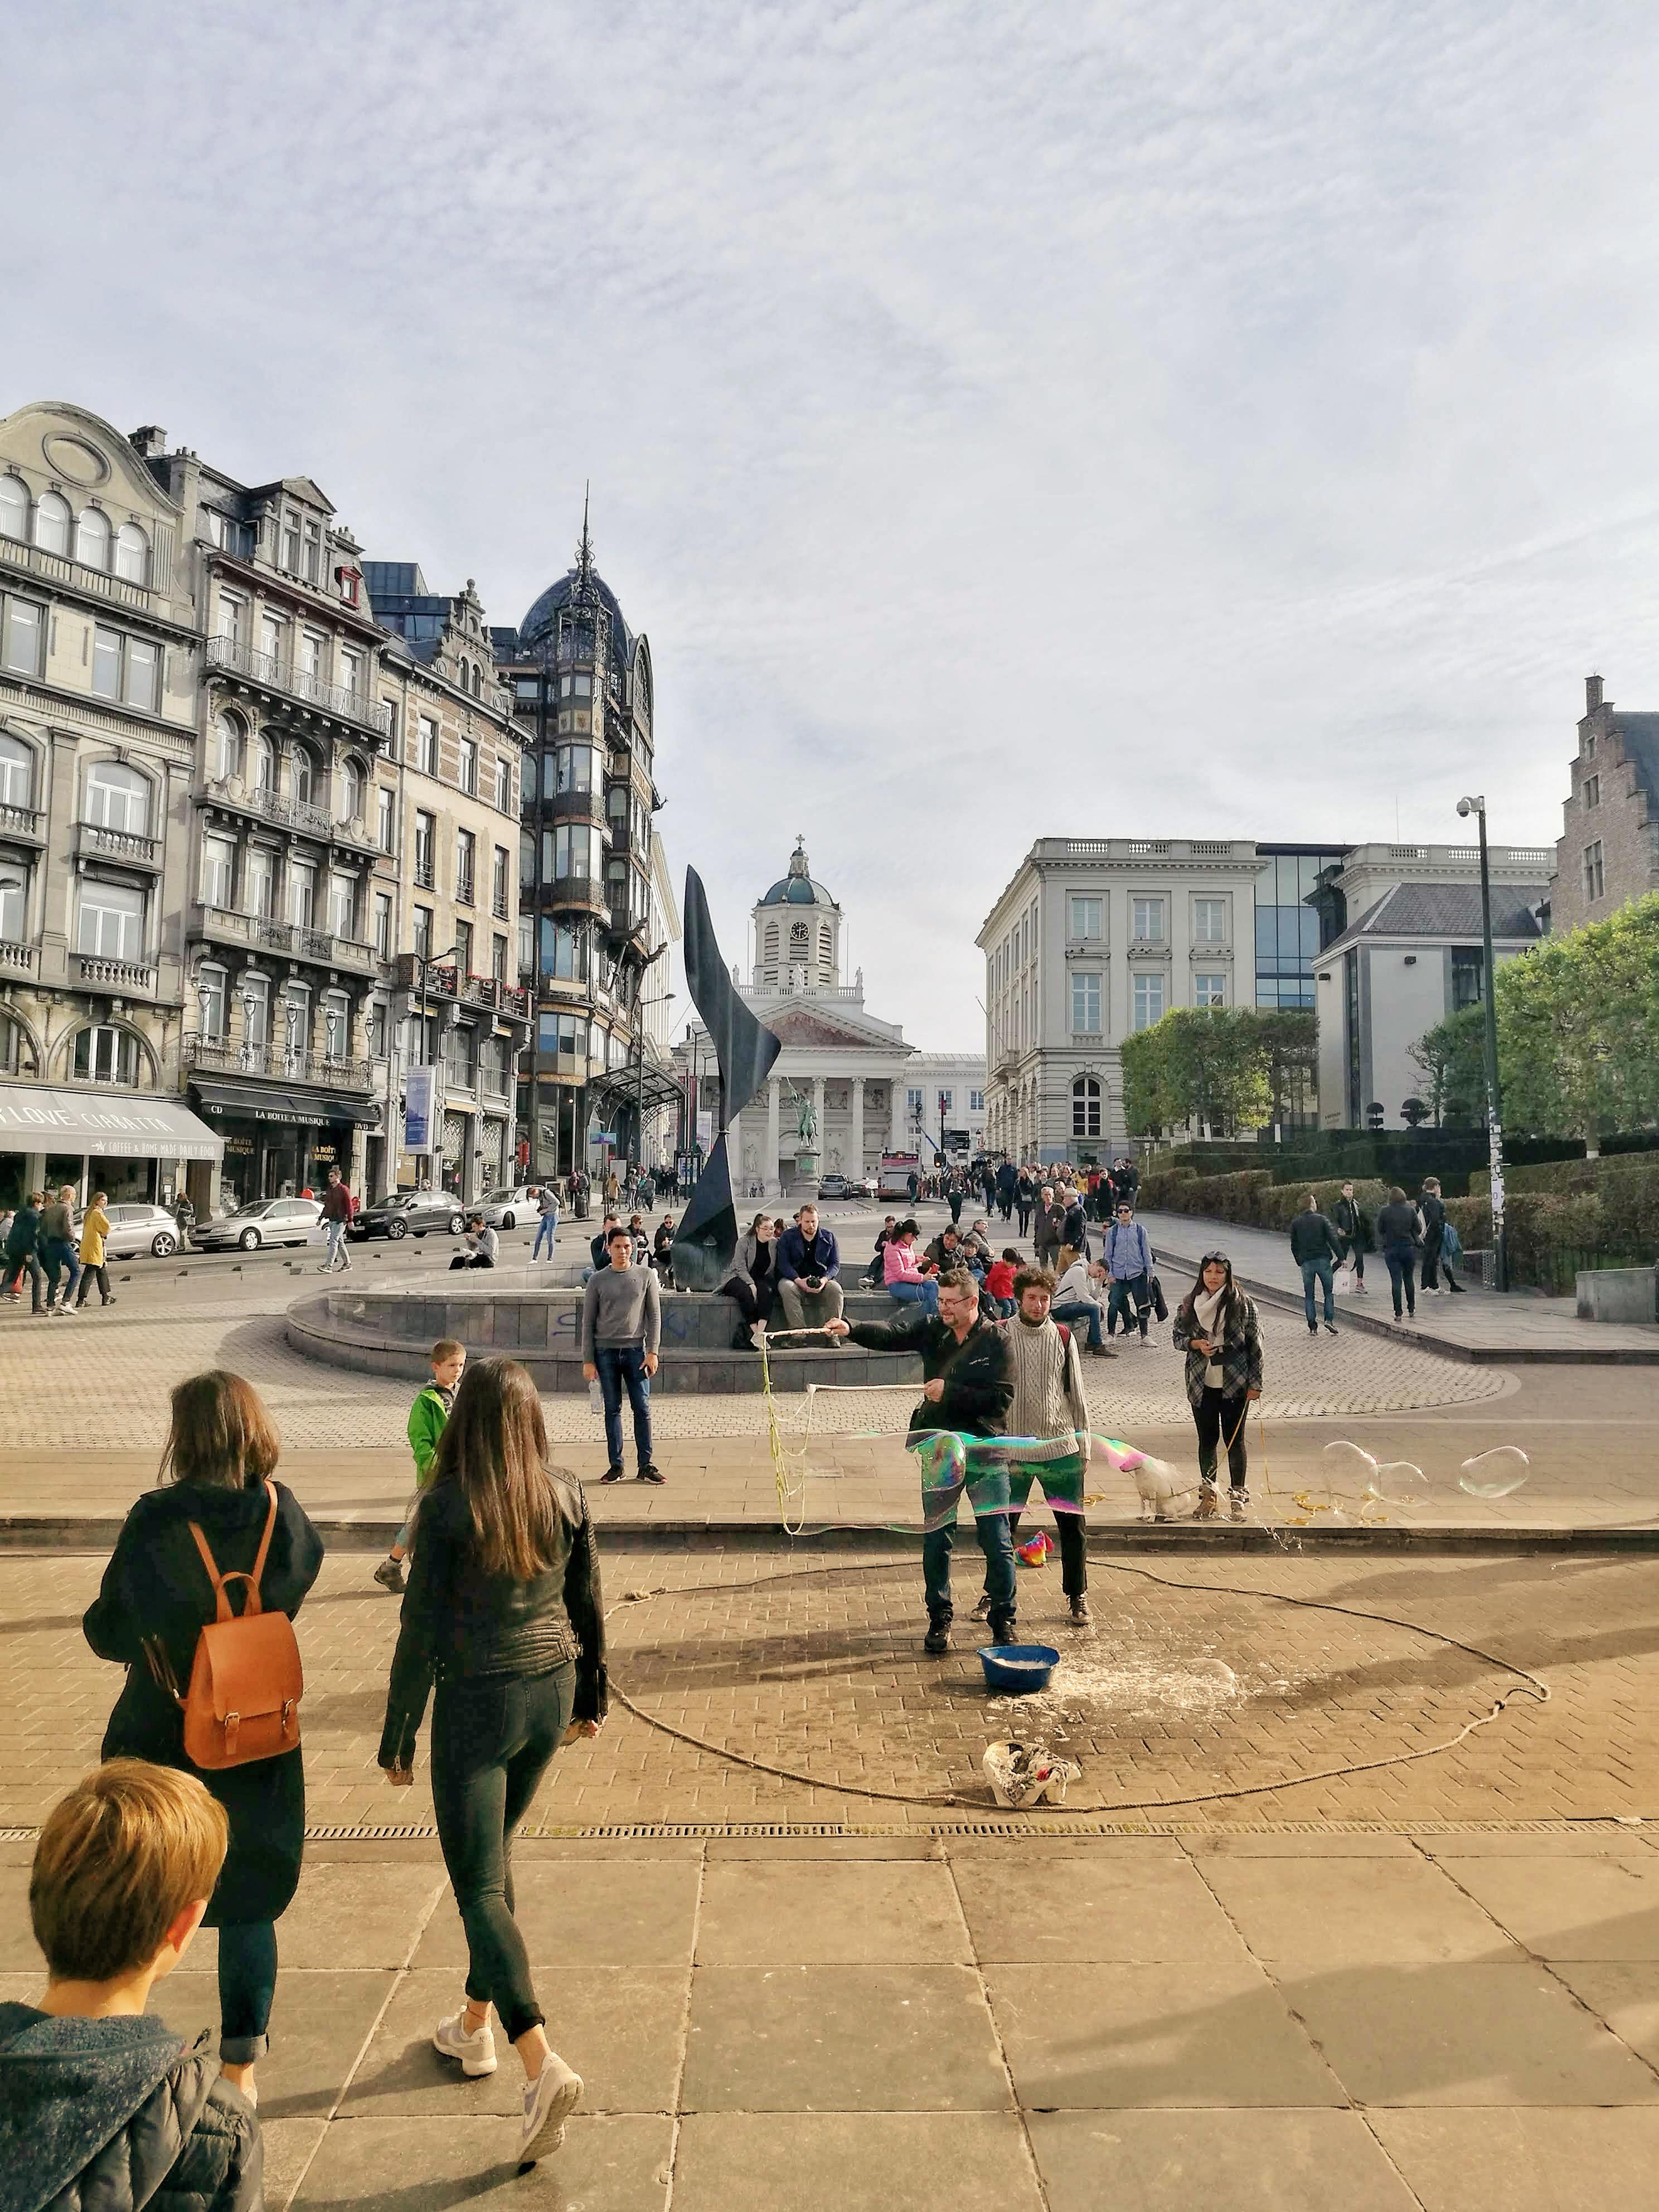 A Mont des Art népszerű találkozó hely